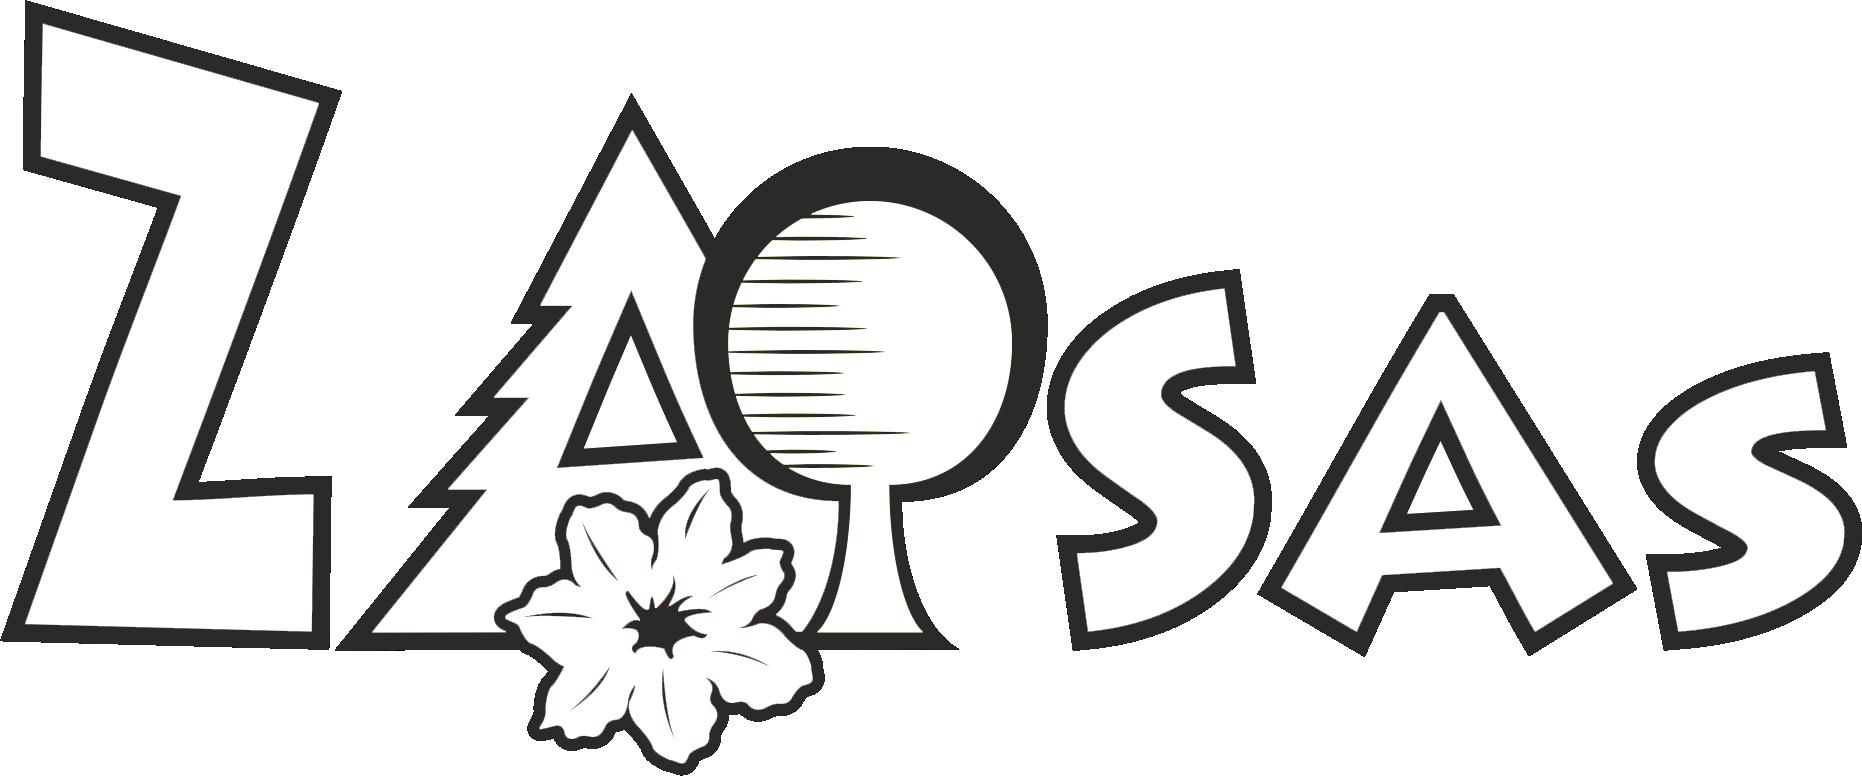 Zasas - záhradnícke a sadovnícke služby logo